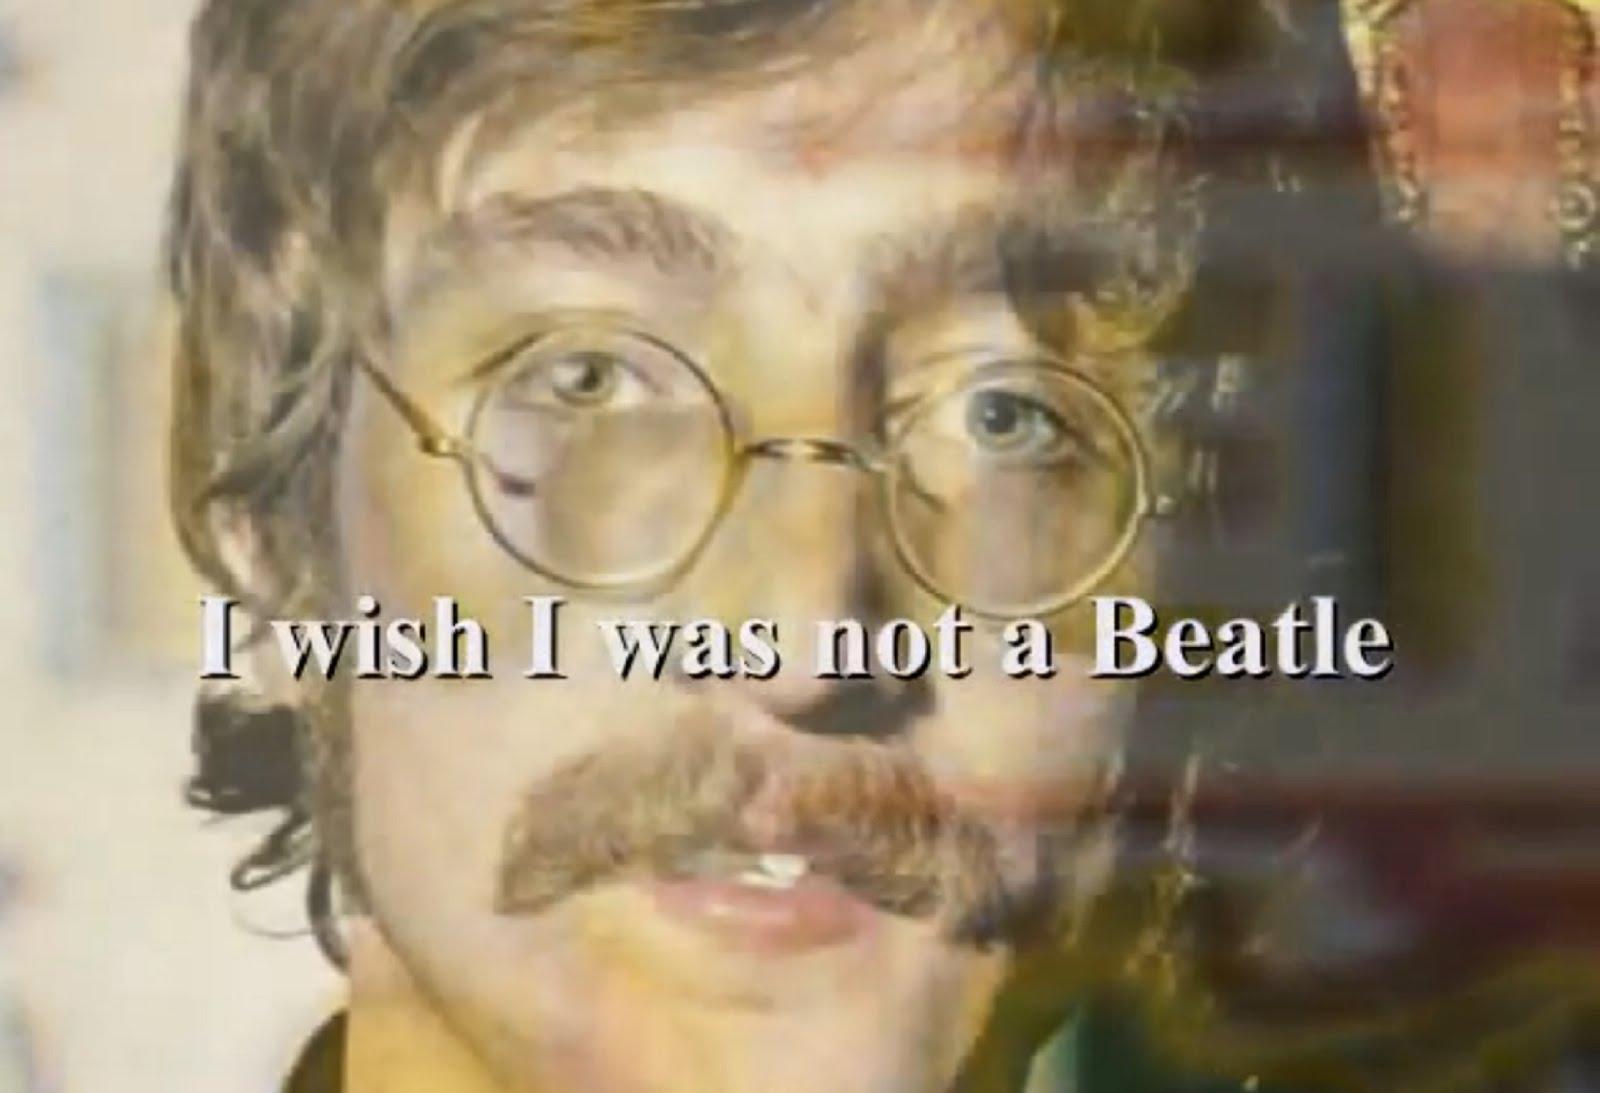 BEATLE JOHN LENNON'S REGRET